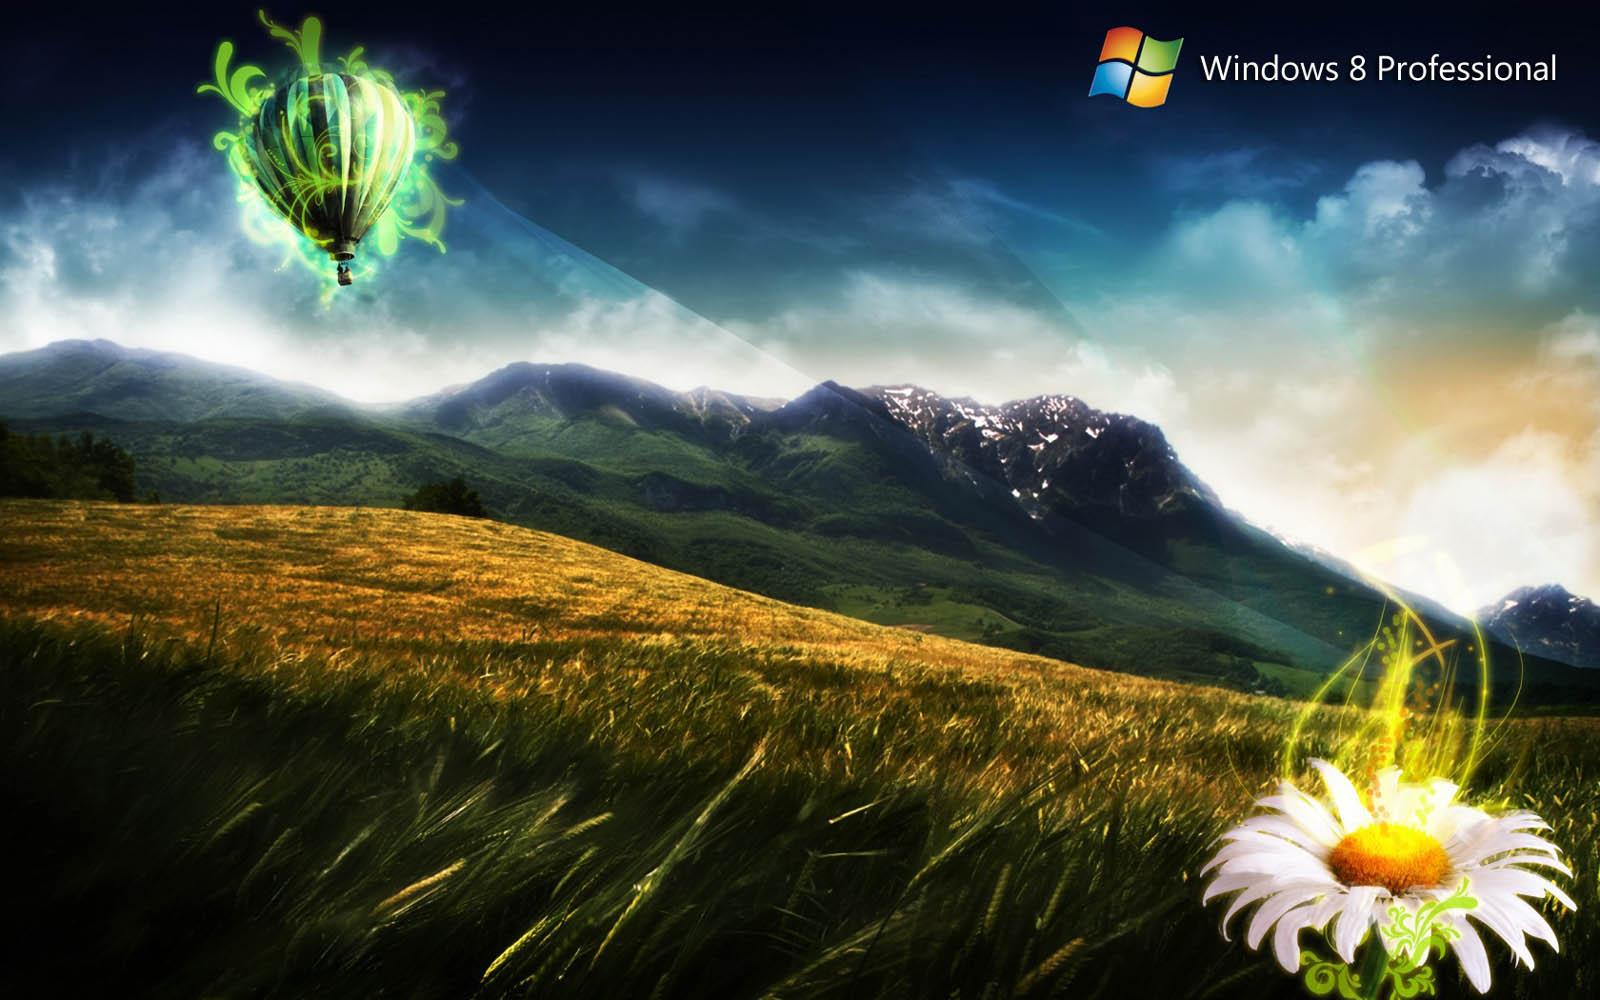 desktop wallpapers windows 8 wallpapers windows 8 desktop backgrounds 1600x1000